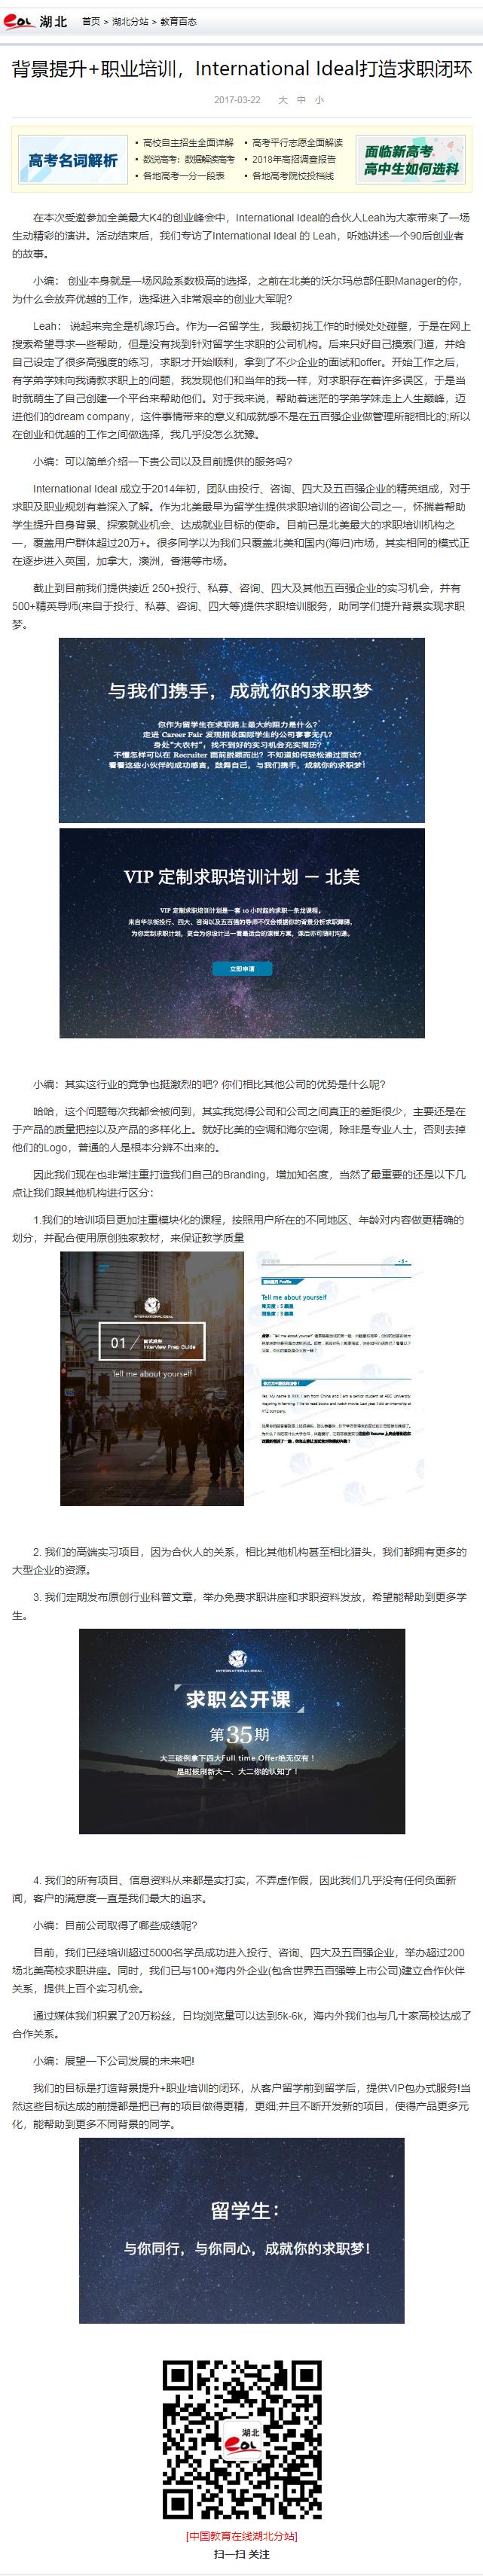 背景提升+职业培训,International Ideal打造求职闭环 --中国教育在线湖北站